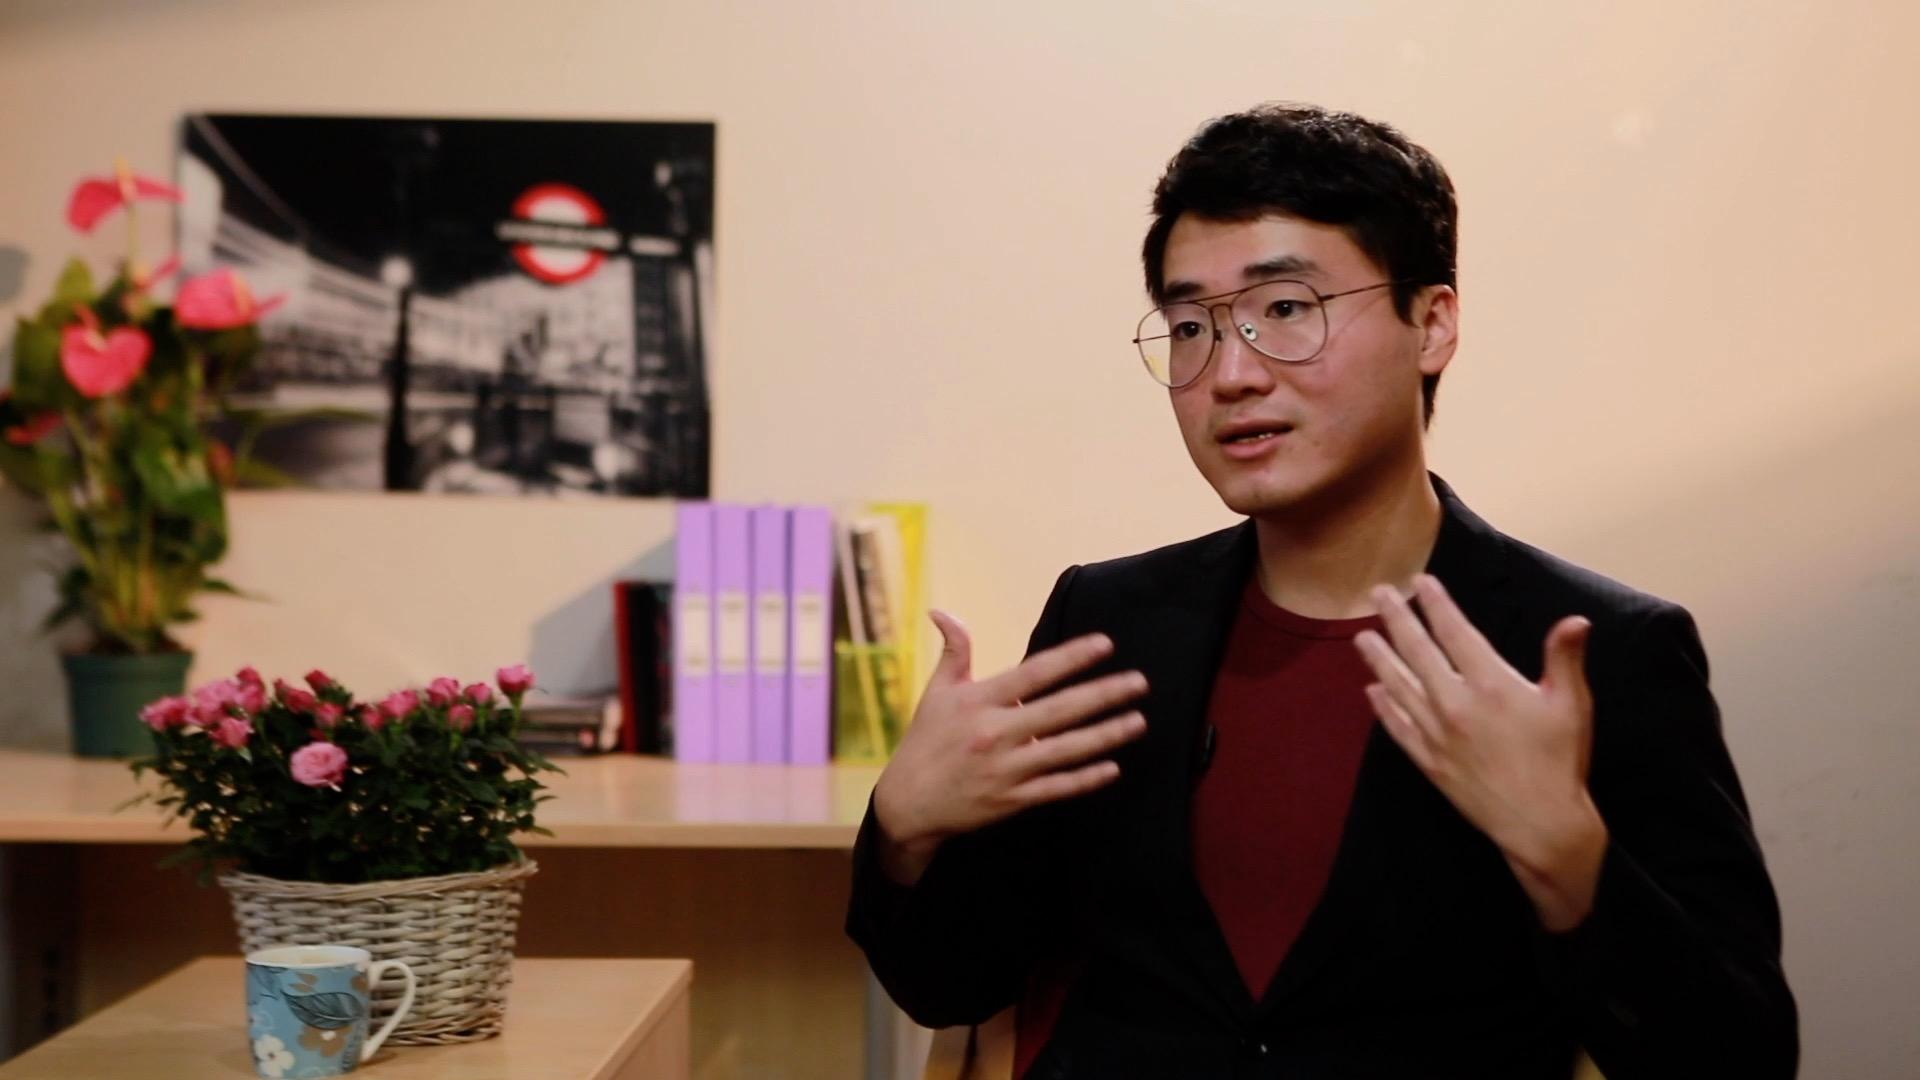 去年8月被中共當局以所謂「嫖娼」罪名拘留的29歲英國駐港領館前僱員鄭文傑日前在英國接受大紀元獨家專訪。(大紀元)